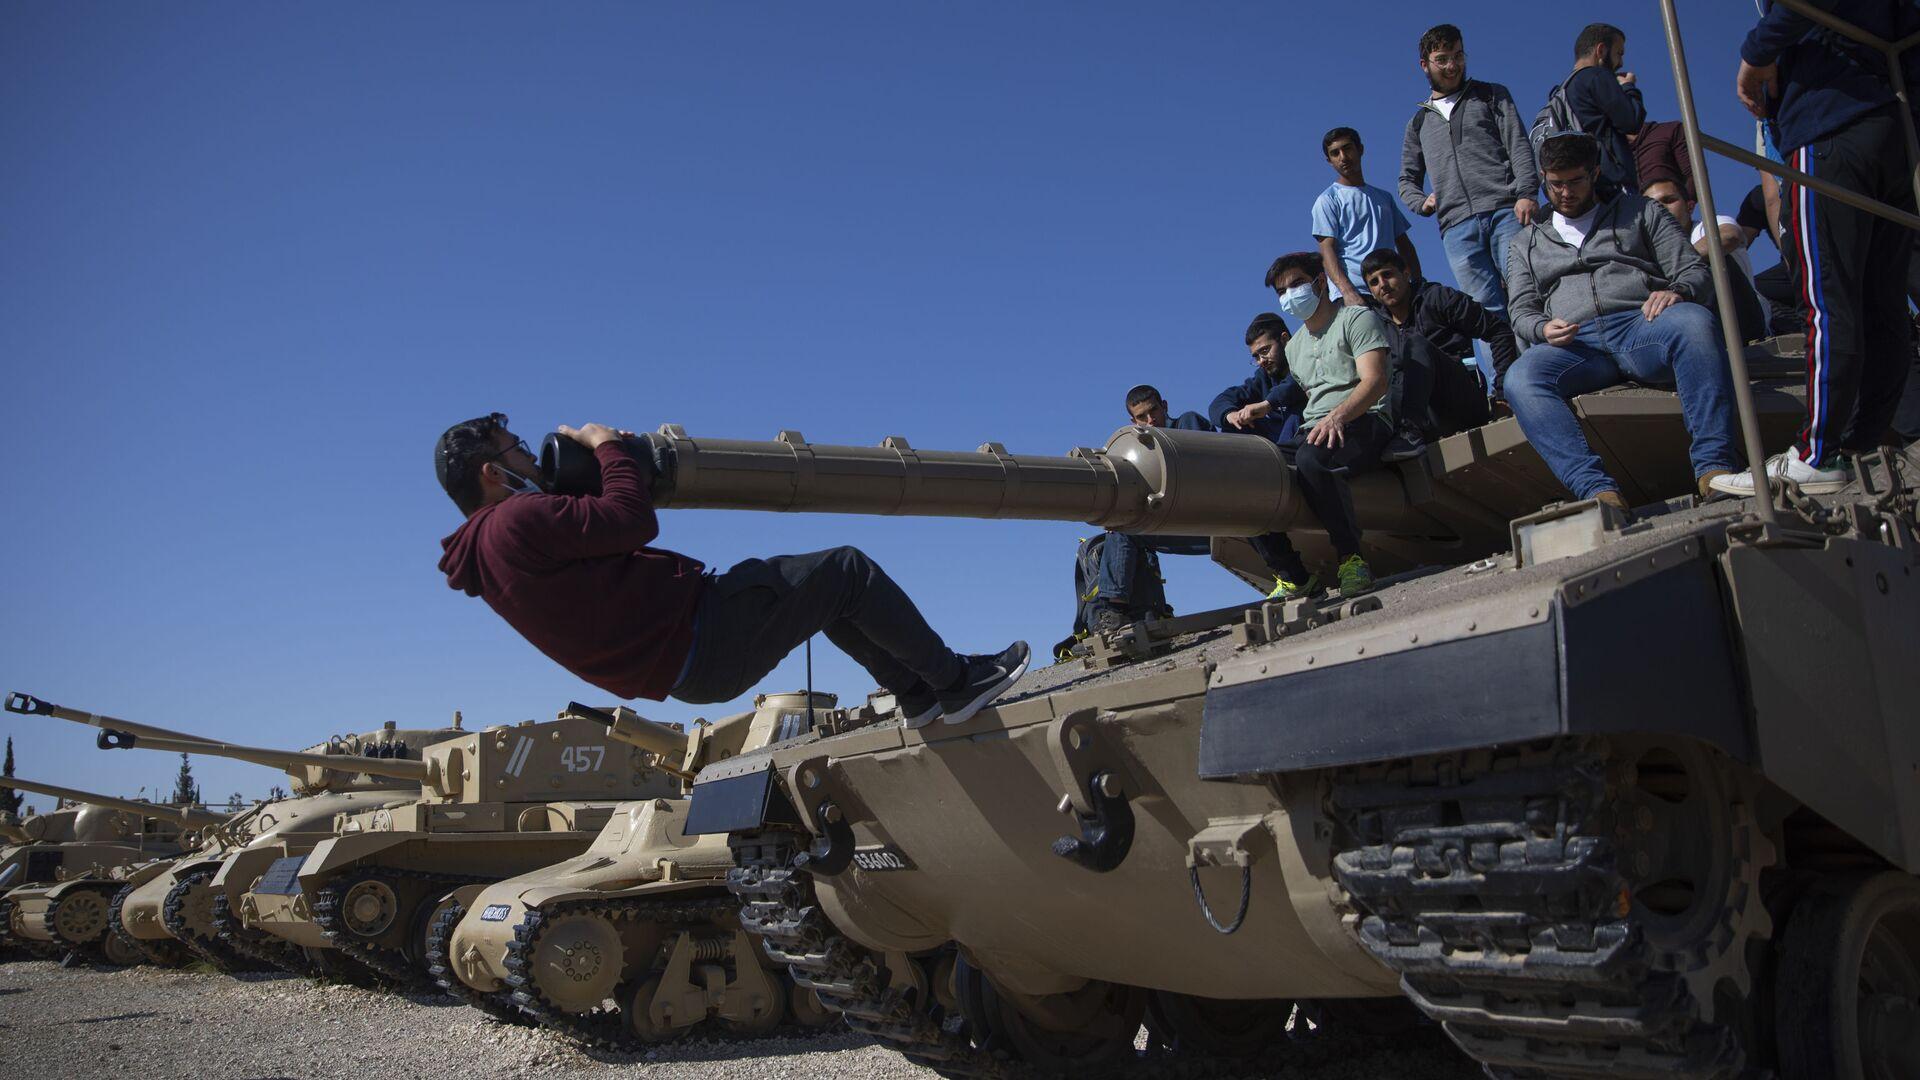 Студенты на танке в Израиле во время церемонии по случаю ежегодного Дня памяти погибших солдат - Sputnik Italia, 1920, 12.09.2021